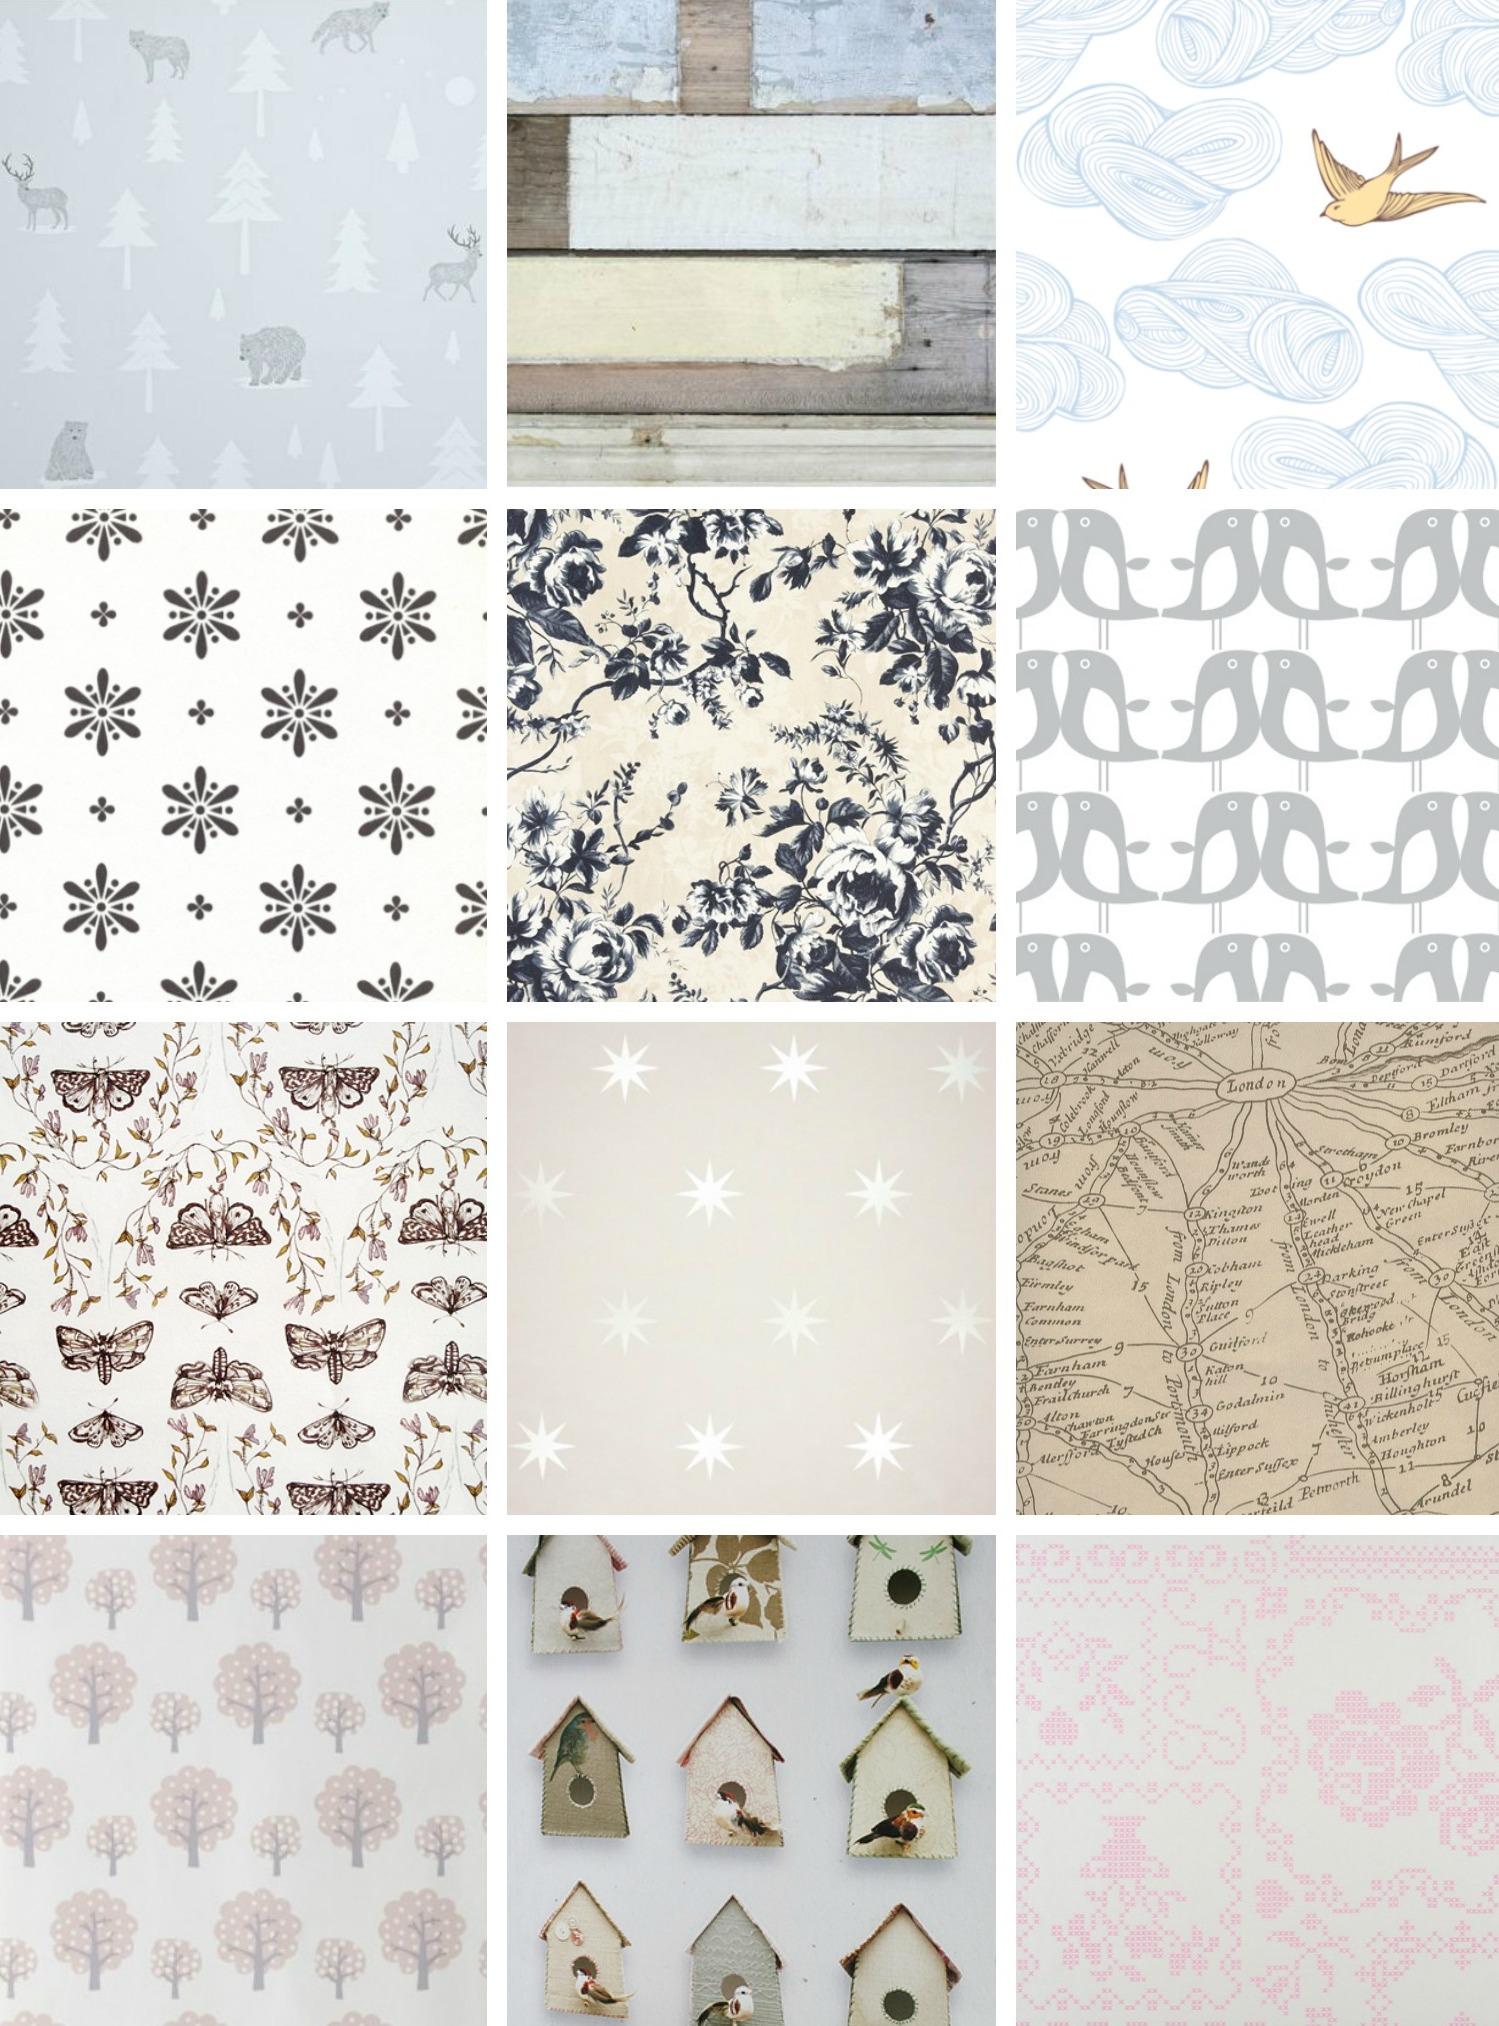 baby room wallpaper images amp pictures becuo baby nursery ba room wallpaper border dromhfdtop